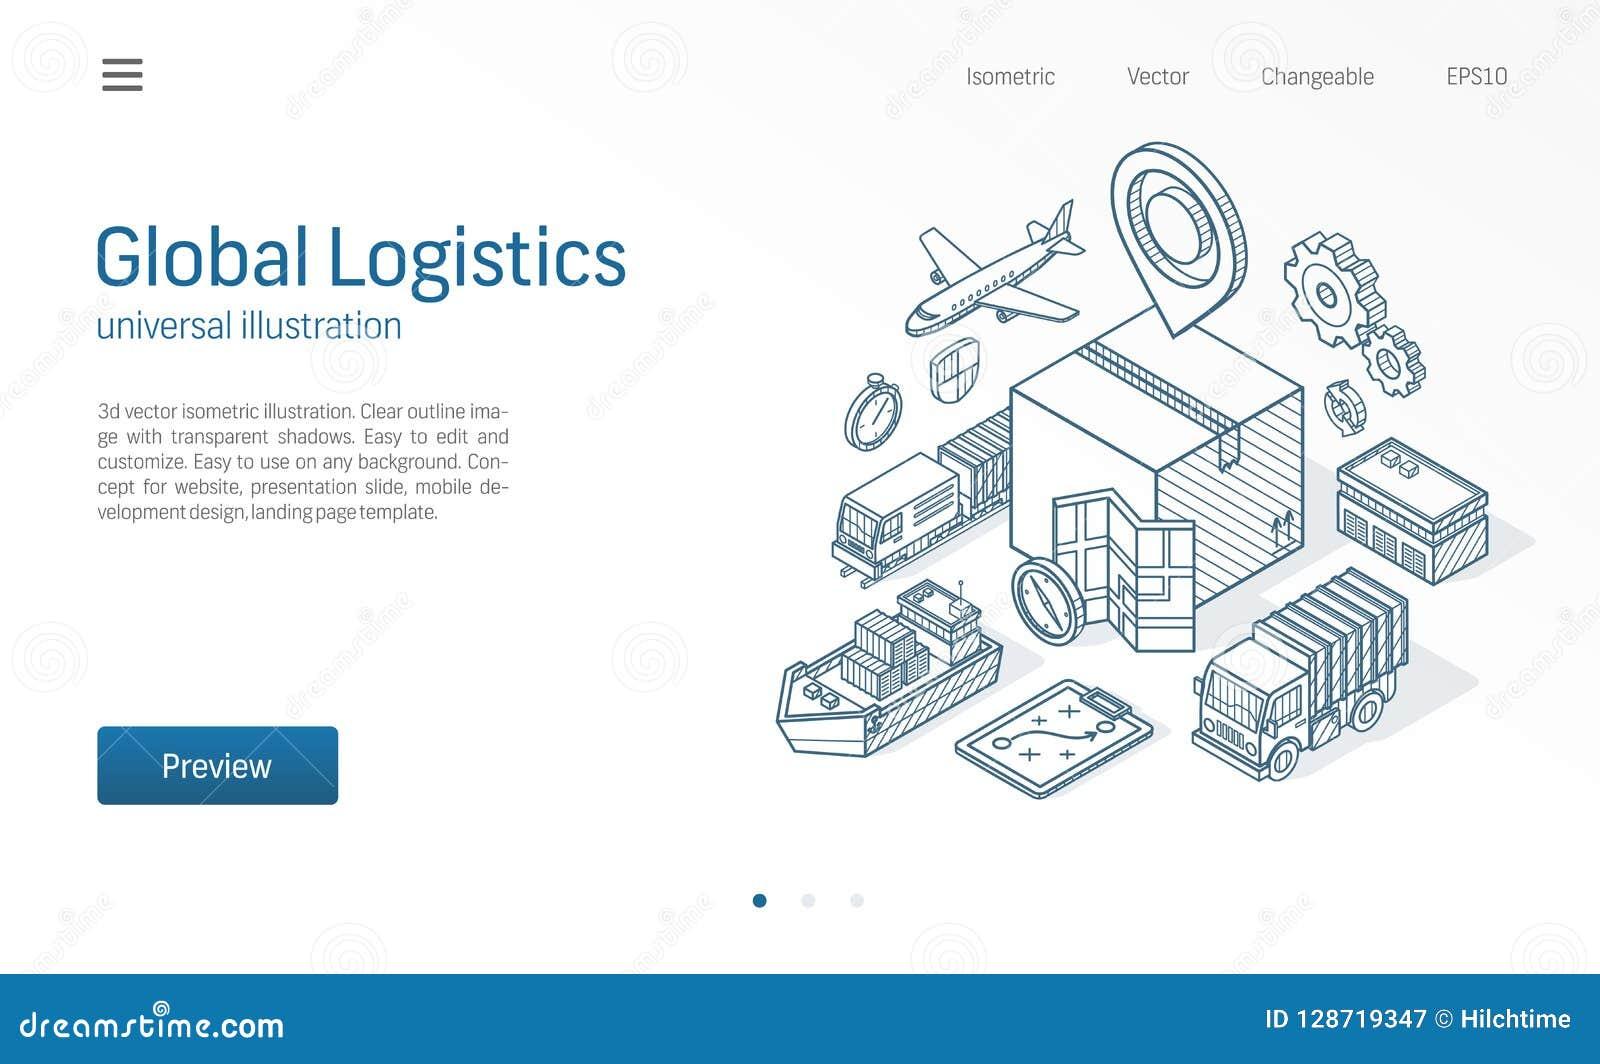 Σφαιρική λογιστική απεικόνιση γραμμών υπηρεσιών σύγχρονη isometric Εξαγωγή, εισαγωγή, επιχείρηση αποθηκών εμπορευμάτων, σκίτσο με